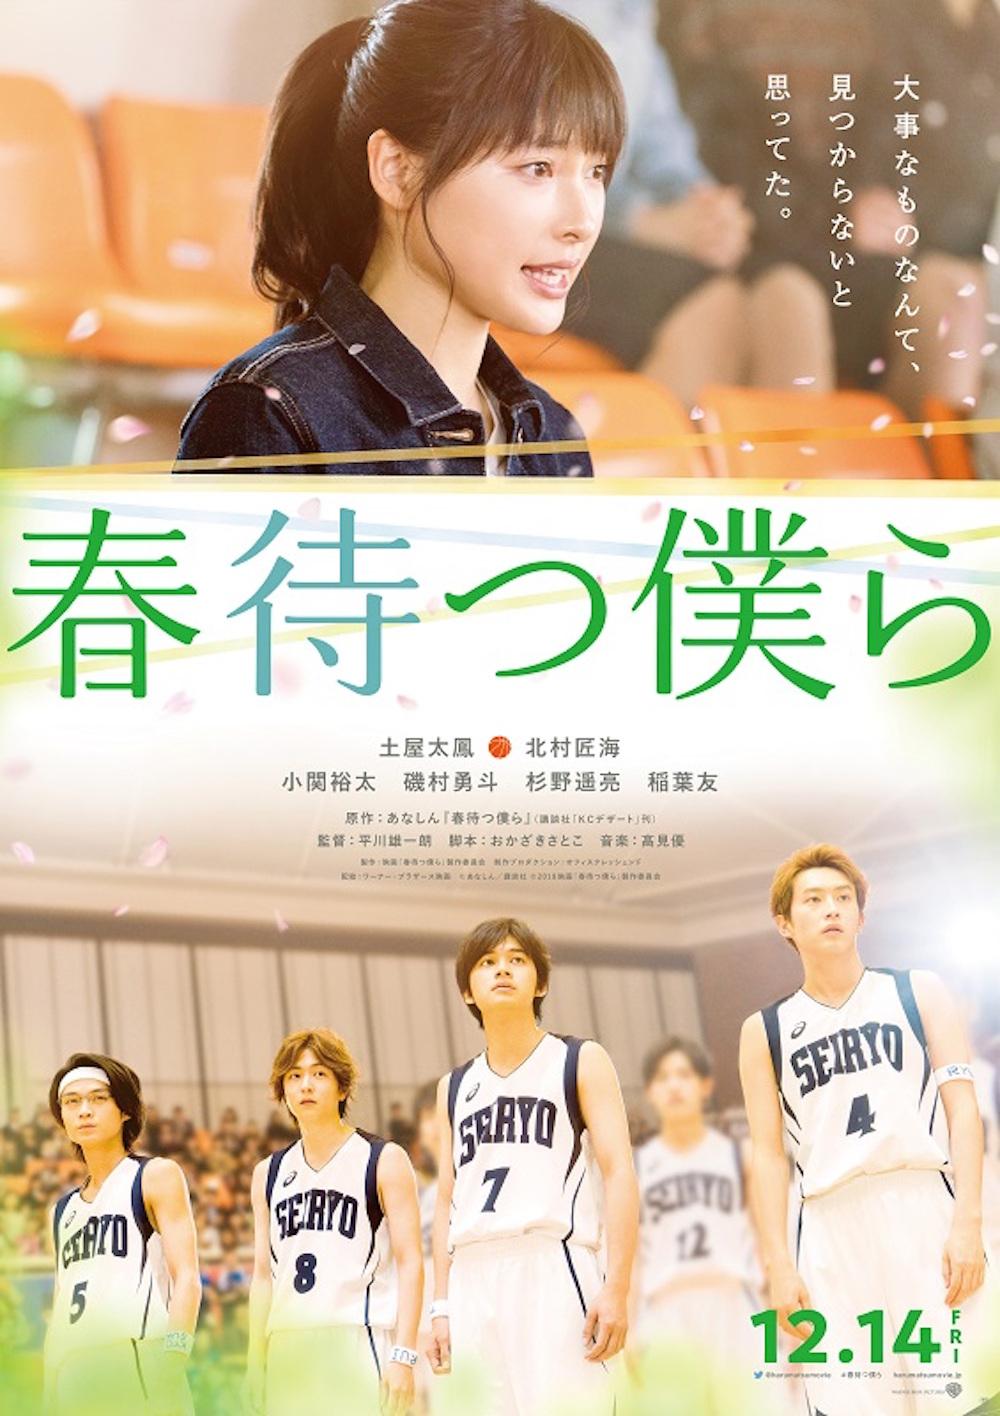 あなしんの同名原作を、土屋太鳳×北村匠海ら共演で実写映画化した『春待つ僕ら』が12月14日(金)に公開される。この度、本作 のティザーポスターが解禁となった。